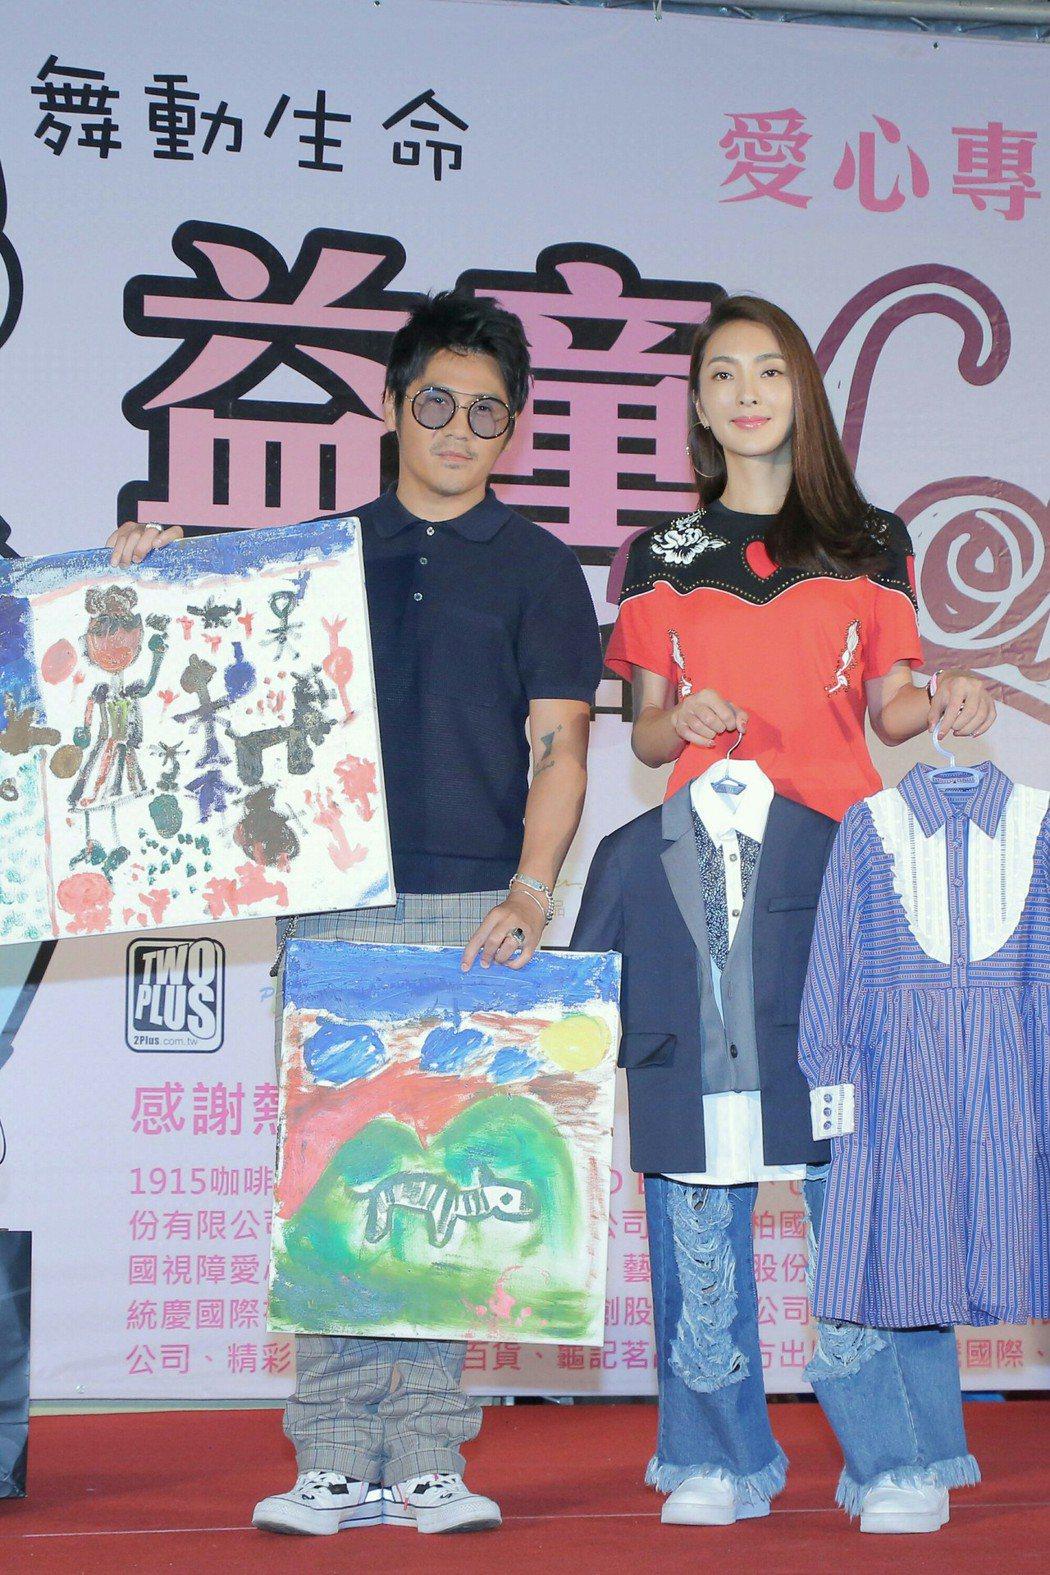 曹格、吳速玲夫婦出席「舞動生命 益童love」愛心義賣公益活動。圖/好朋友提供